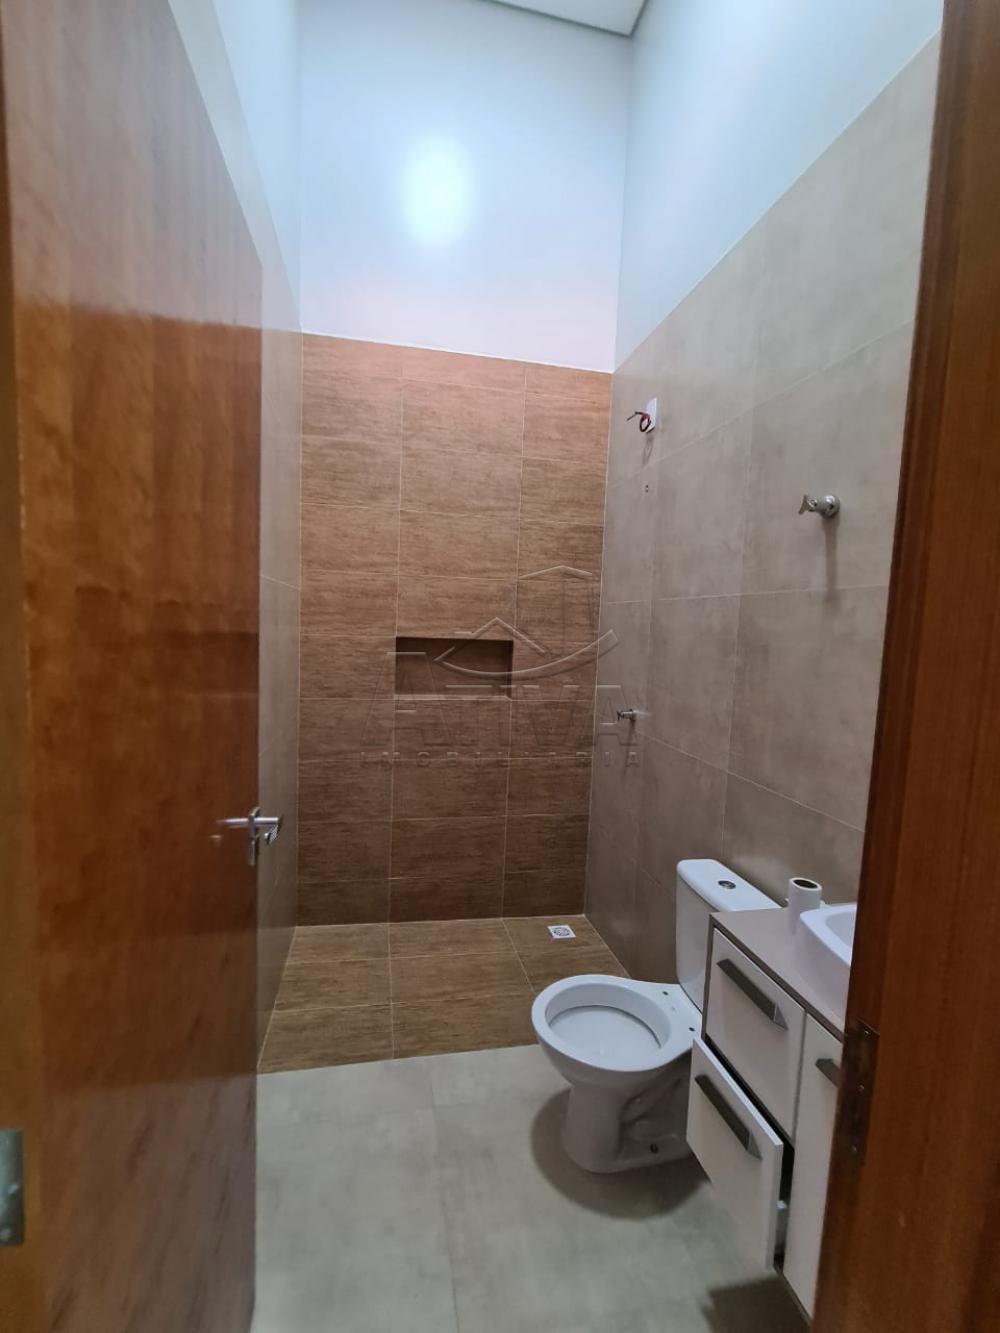 Comprar Casa / Padrão em Toledo R$ 195.000,00 - Foto 12